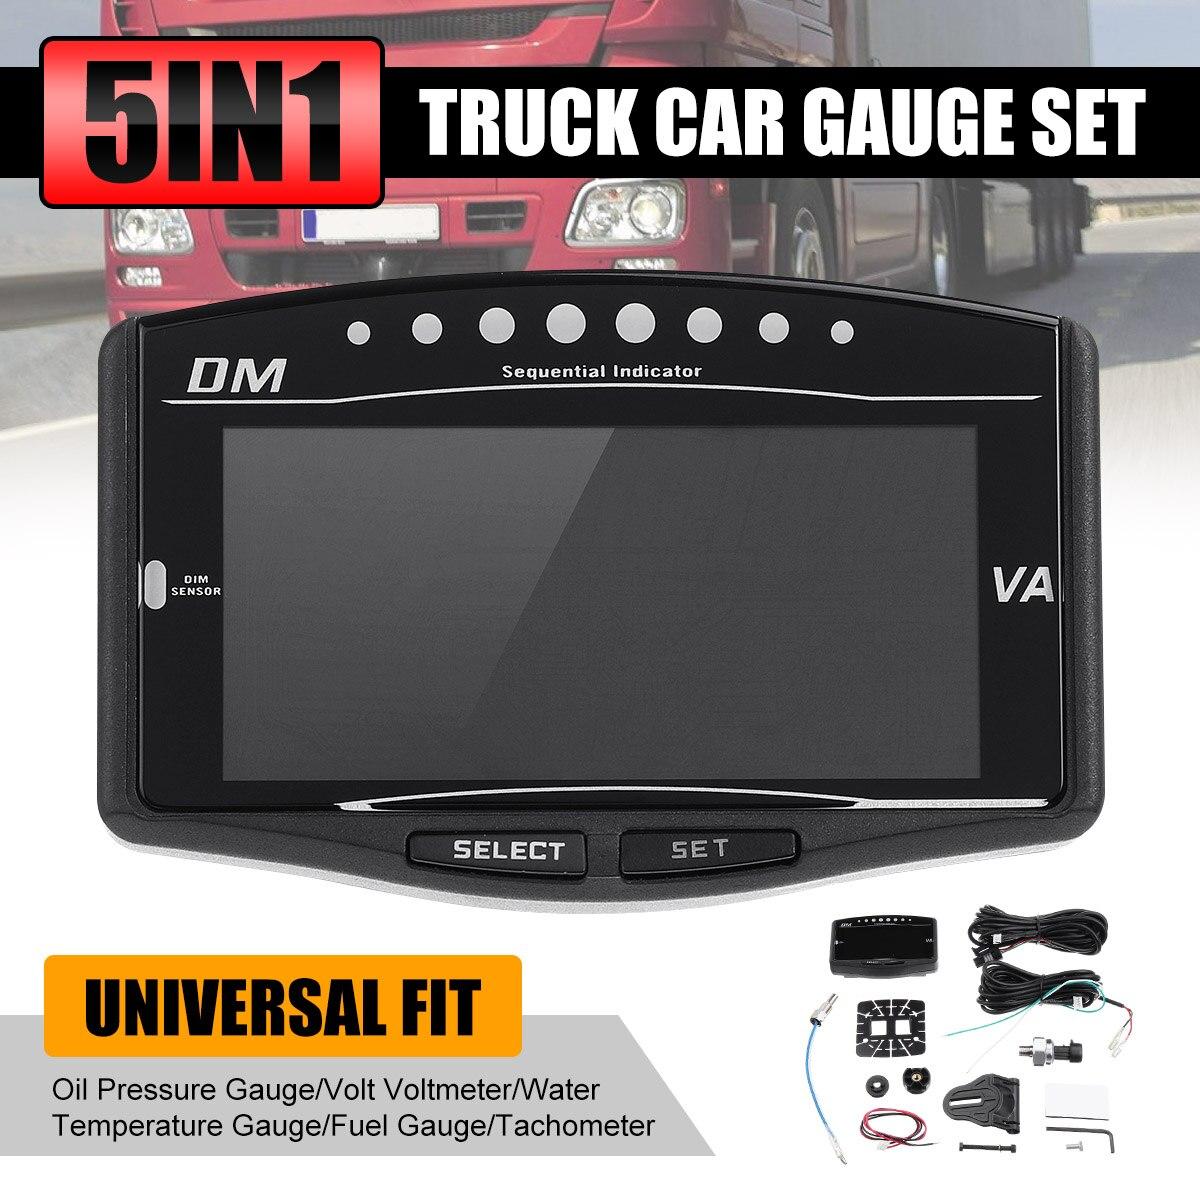 ¡Novedad! Medidor Digital de presión de aceite para coche y camión con LCD 5 en 1 Universal de 12v/24v, voltímetro de voltios, medidor de temperatura del agua y combustible, tacómetro